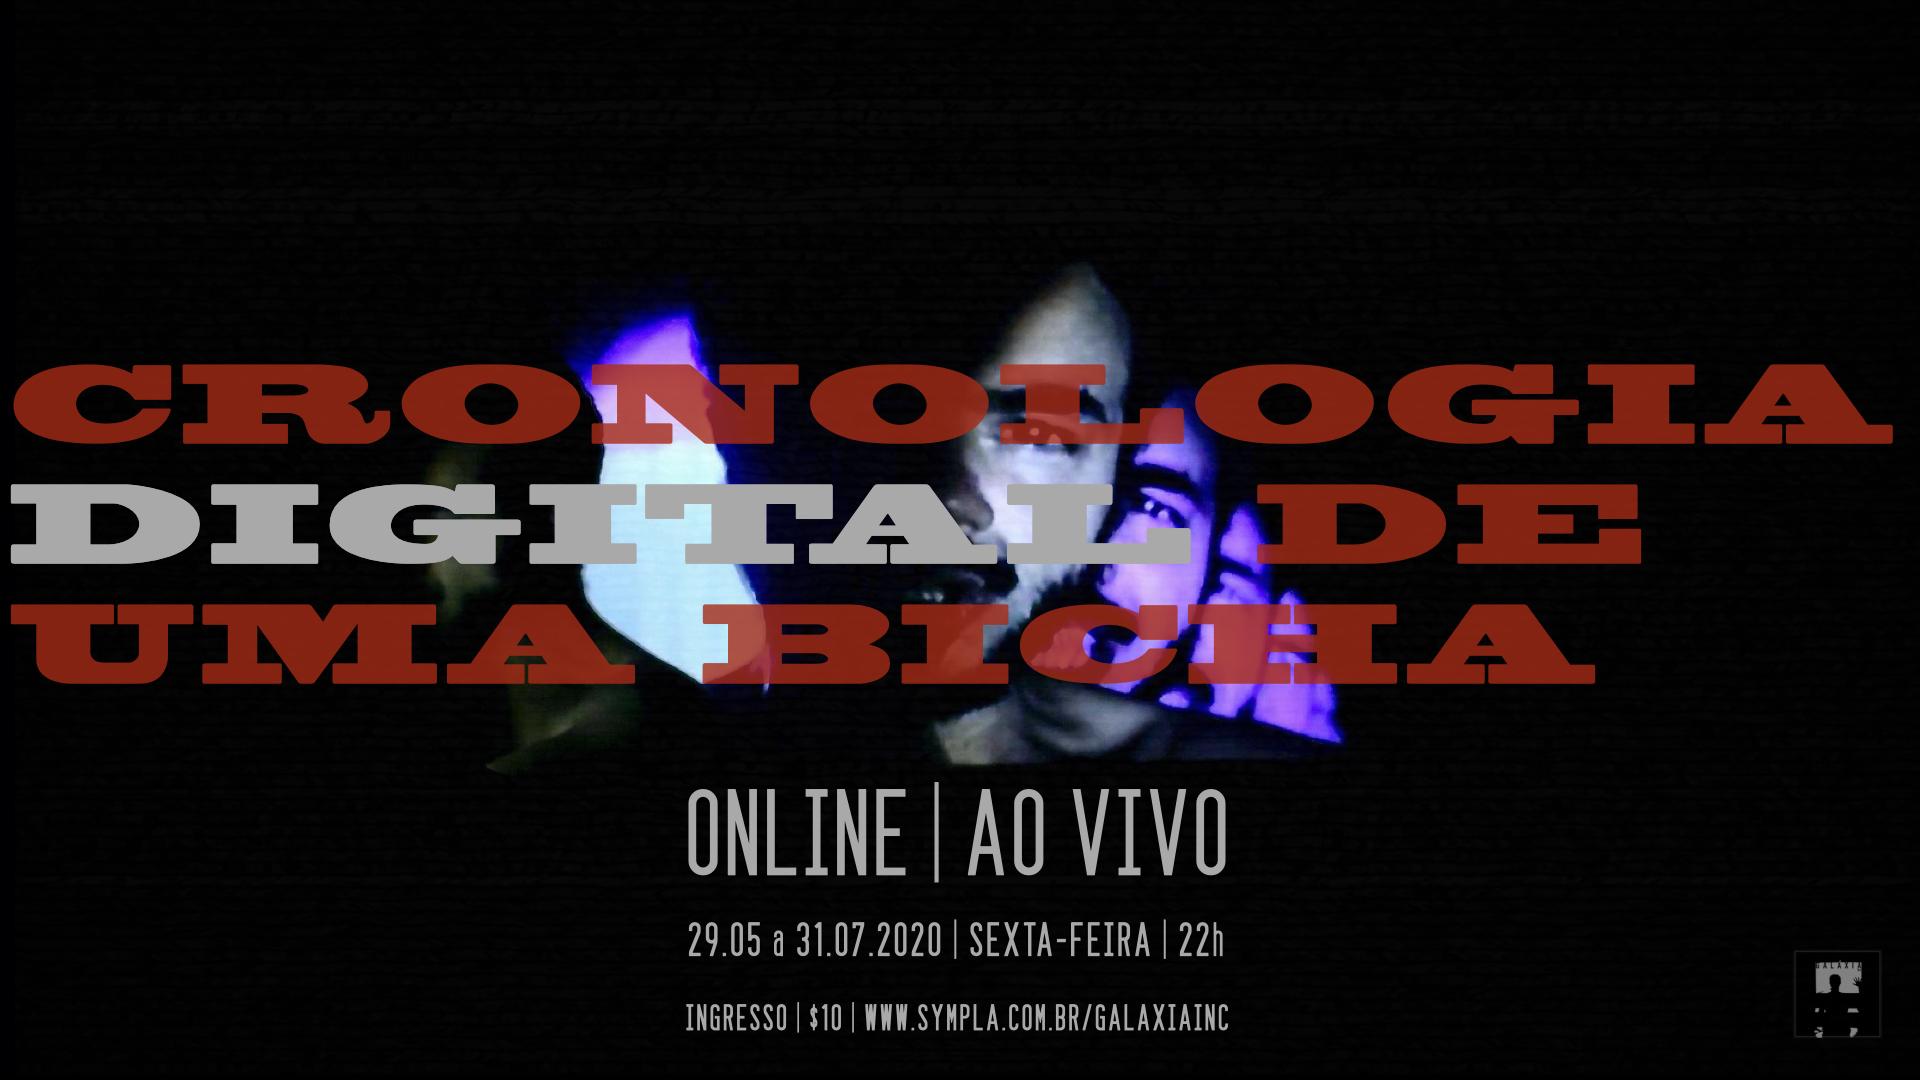 """""""Cronologia Digital de uma Bicha"""" prorroga temporada até final de julho"""